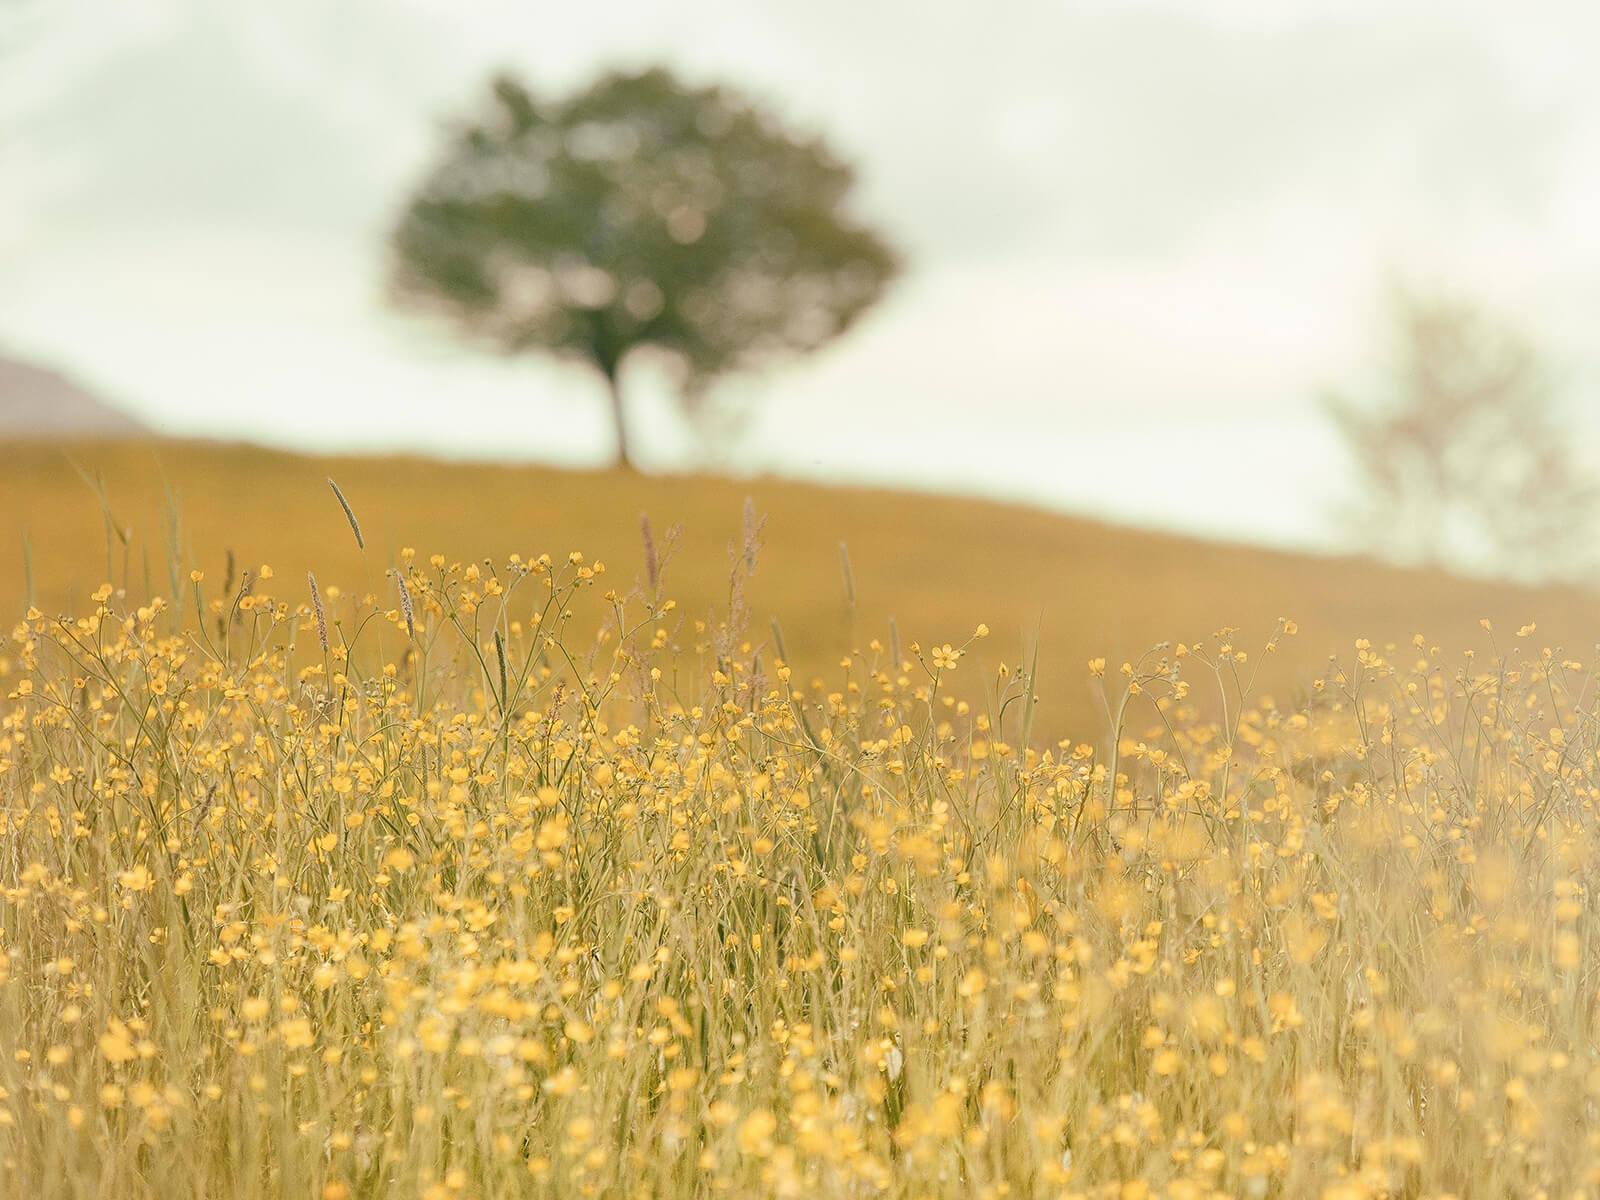 Baum auf der blühenden Wiese (c) CC0 1.0 - Public Domain (von unsplash.com)